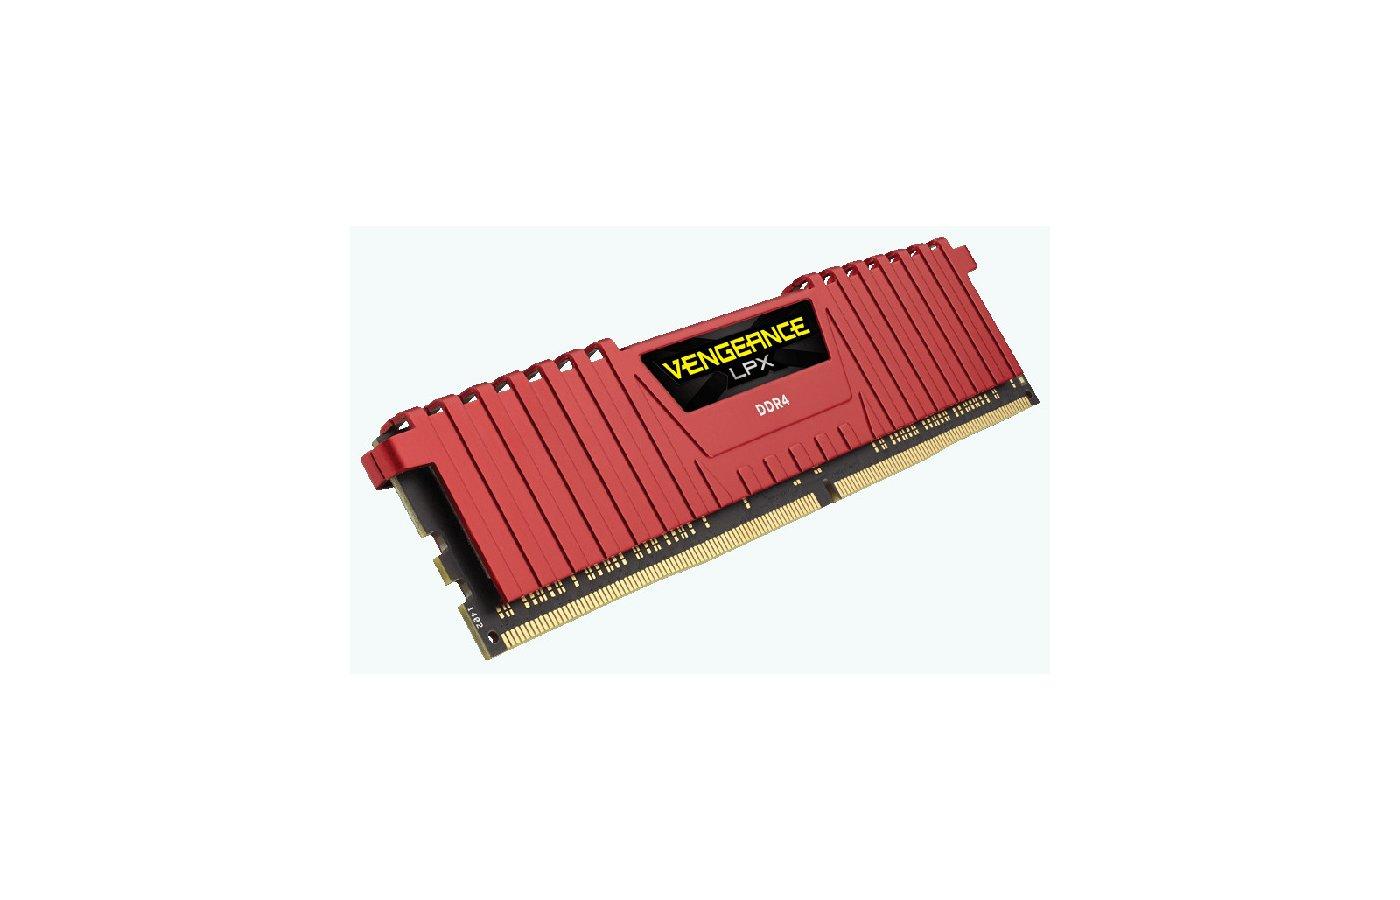 Оперативная память Corsair CMK4GX4M1A2400C14R RTL PC4-19200 DDR4 4Gb 2400MHz CL14 DIMM